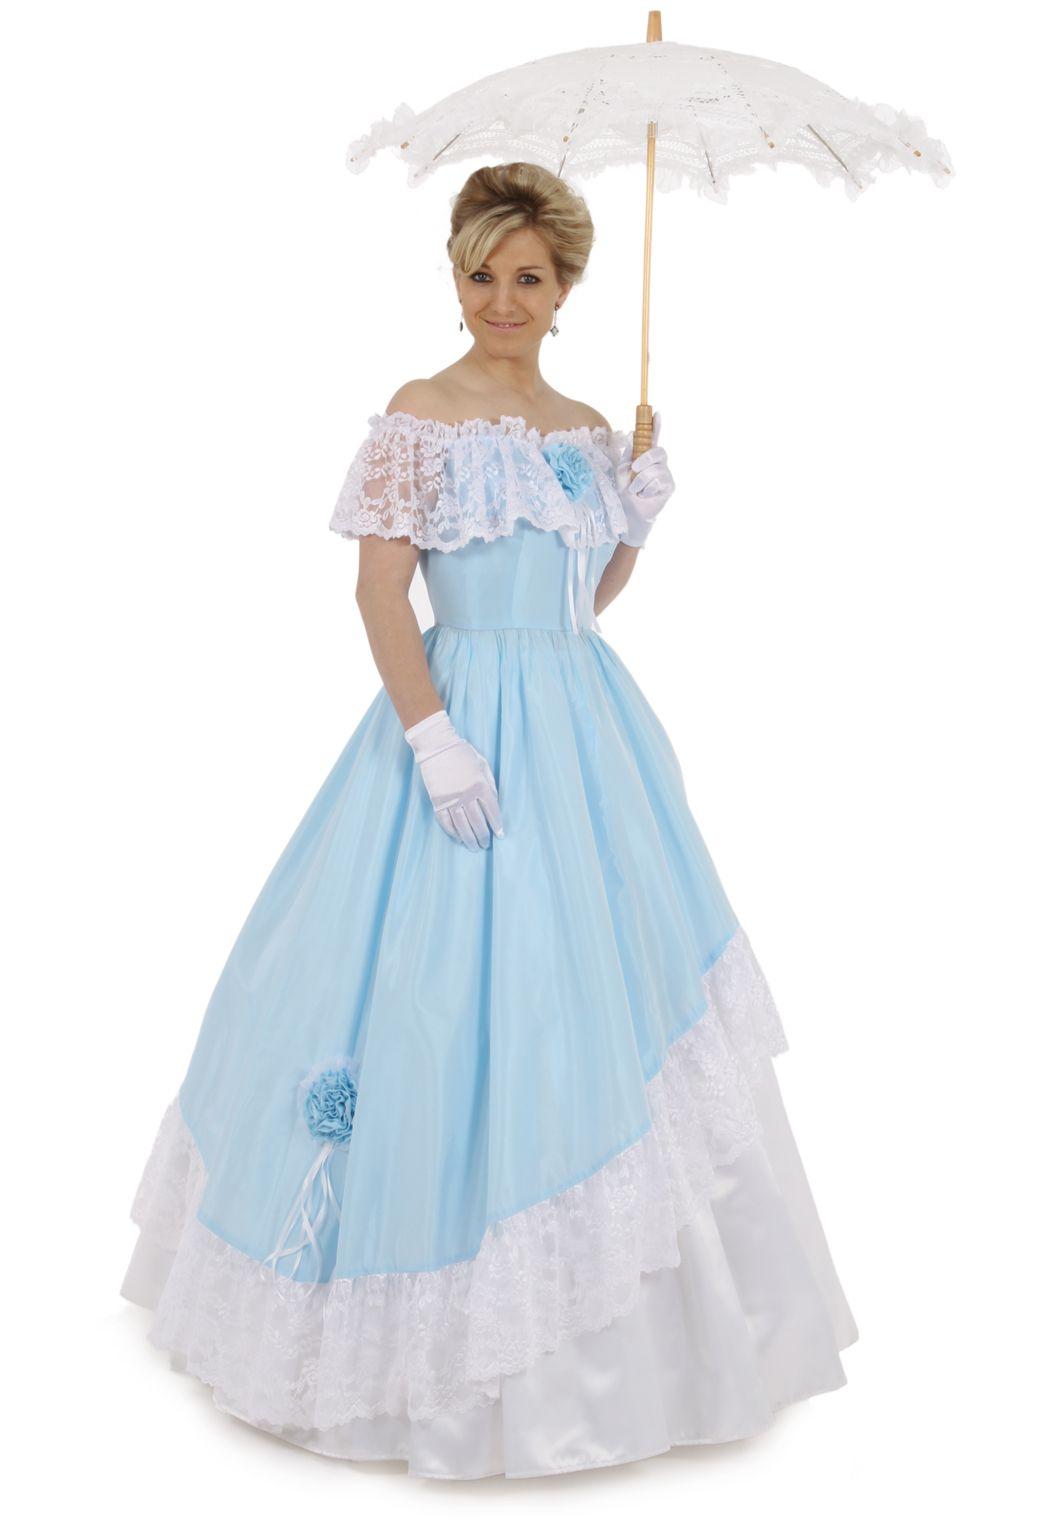 Marelda Victorian Ball Gown | Pinterest | Victorian ball gowns, Ball ...